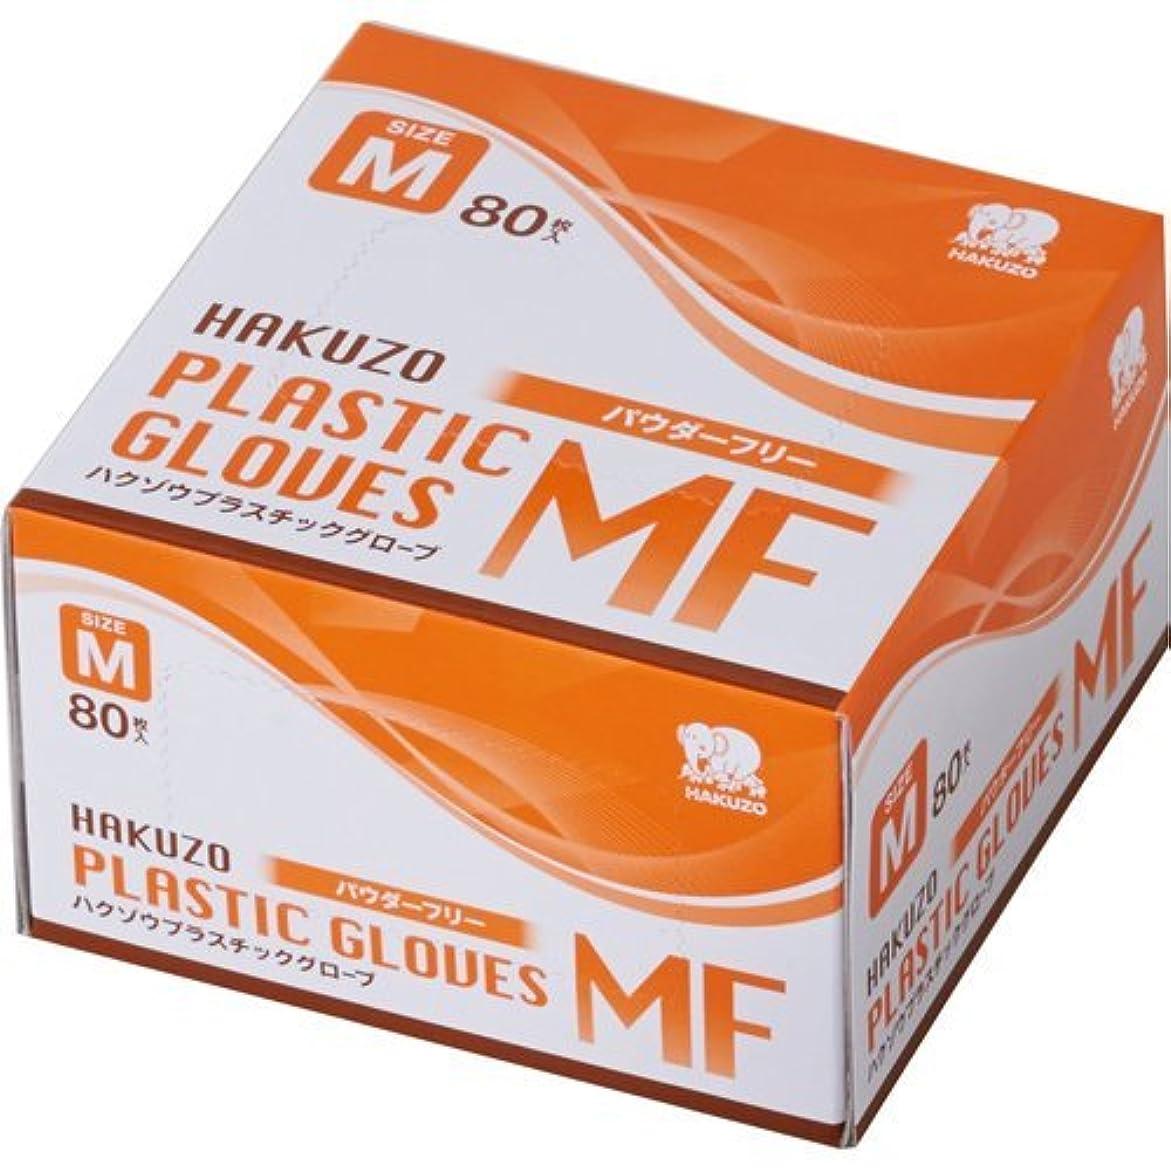 文献わな空気ハクゾウメディカル ハクゾウ プラスチックグローブMF パウダーフリー Mサイズ 80枚入